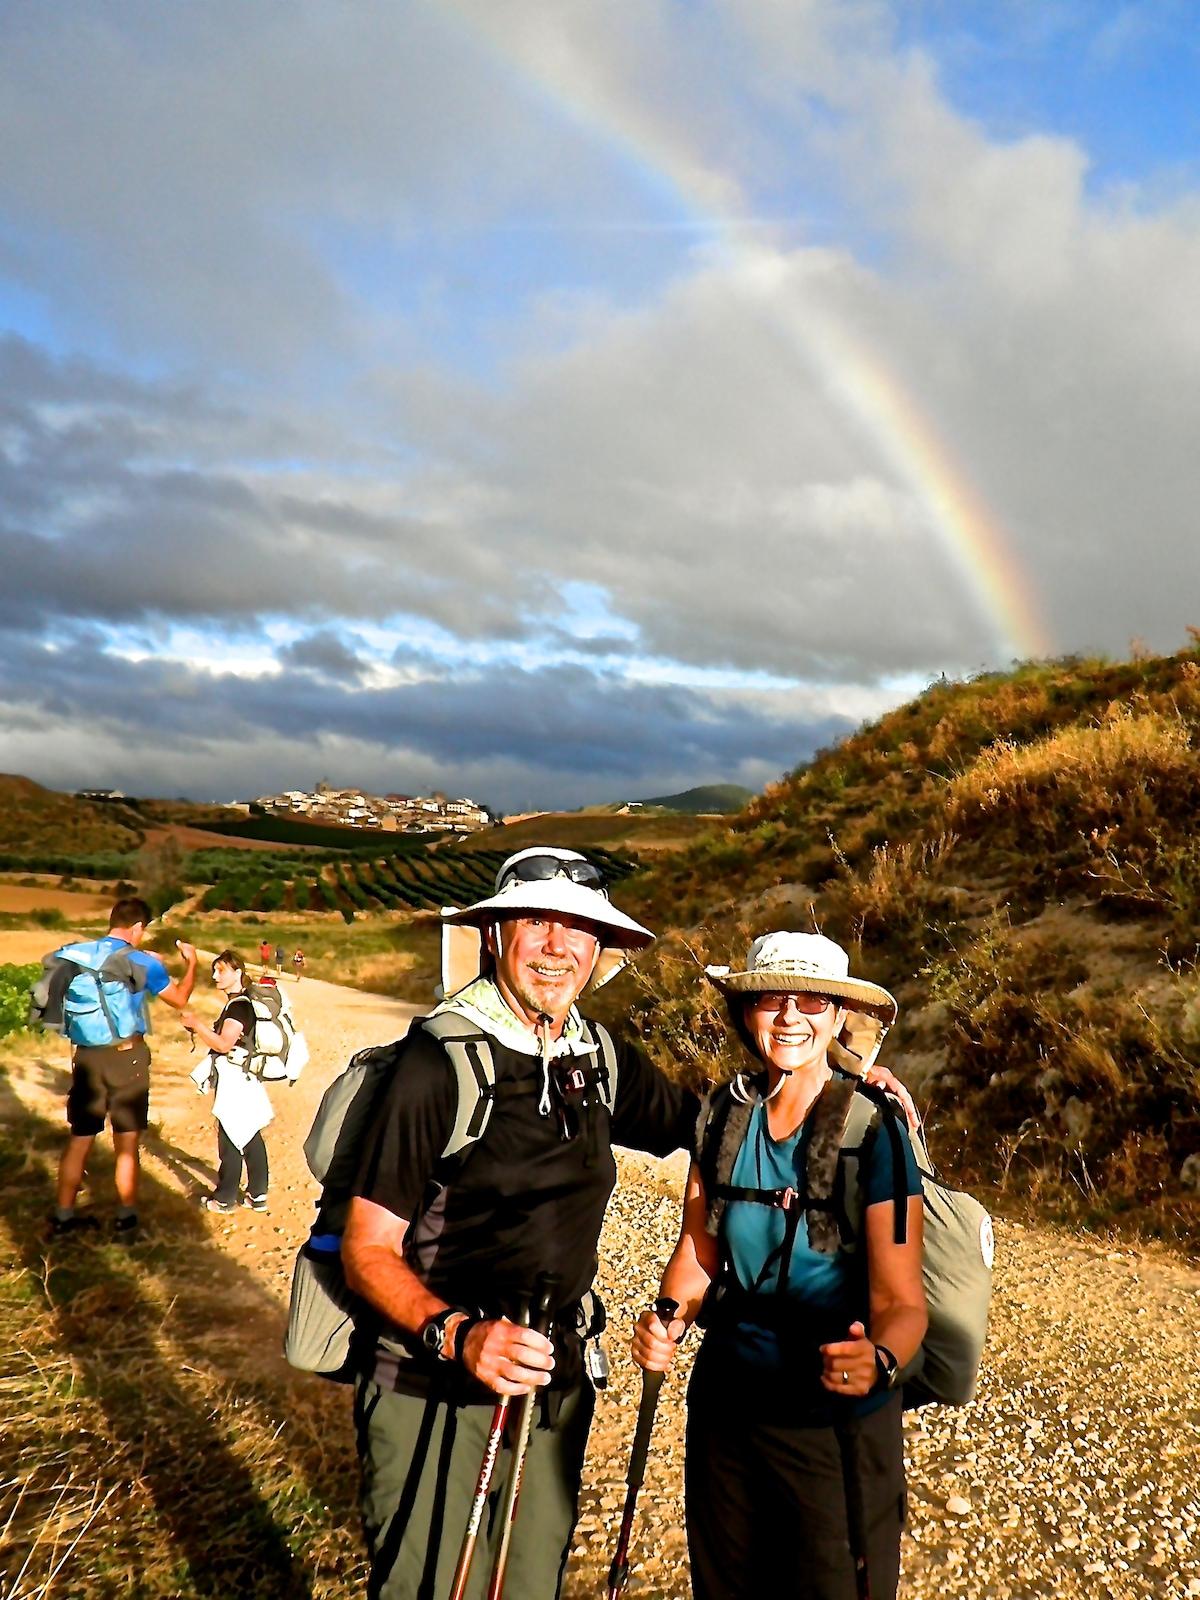 We enjoy traveling, hiking, backpacking, biking, r